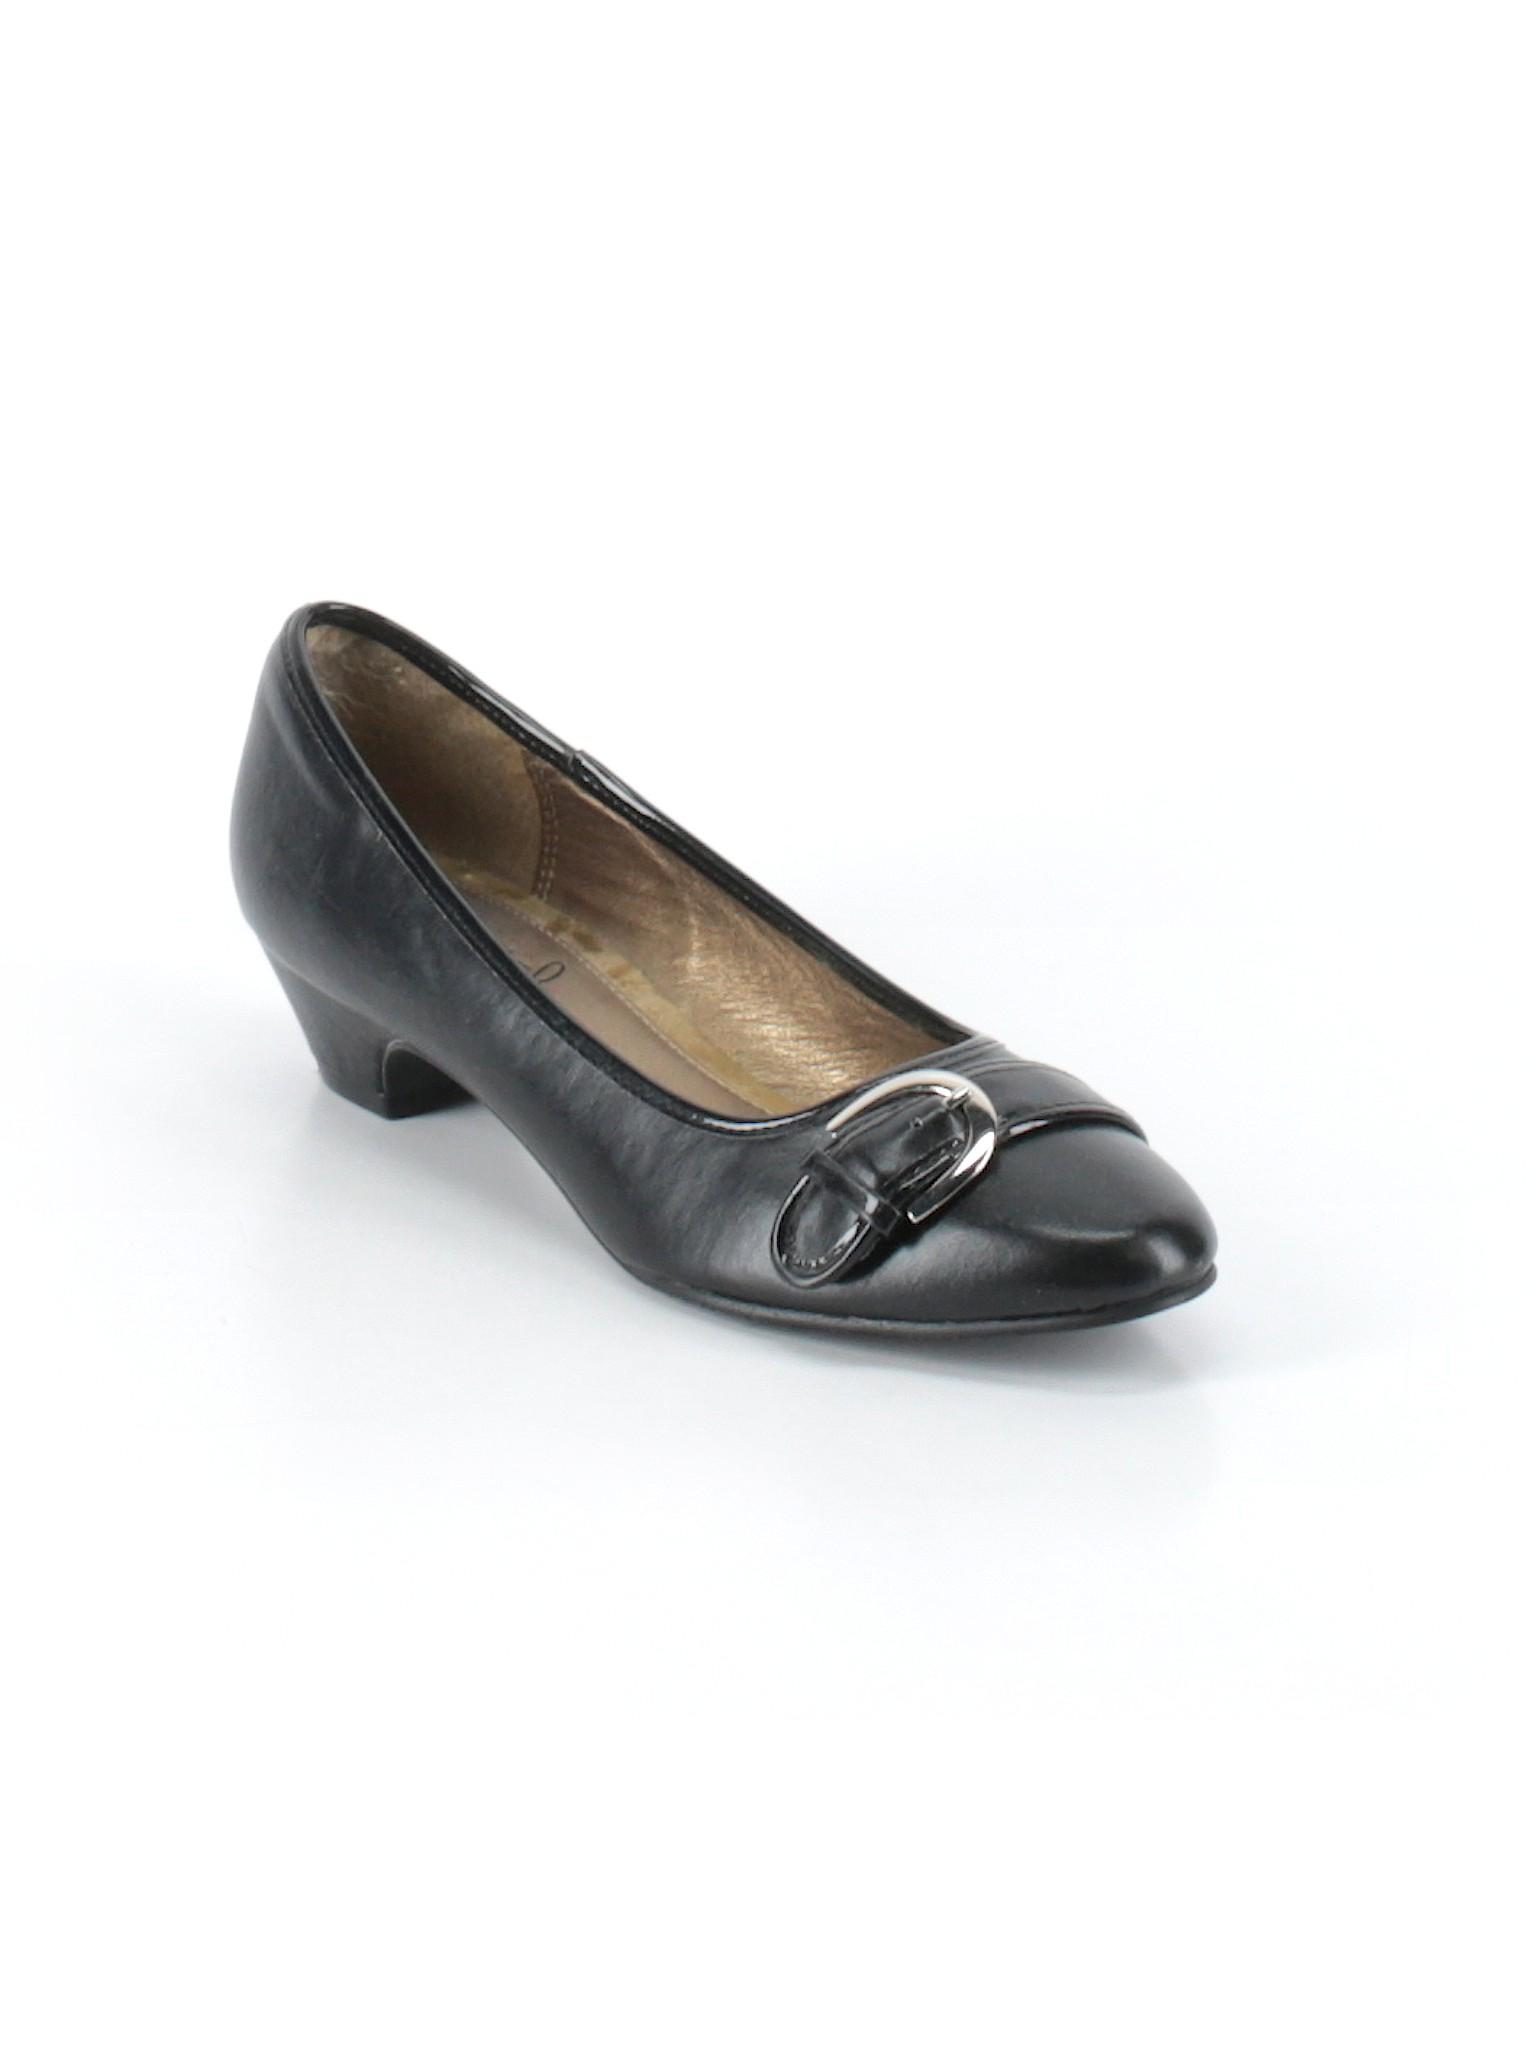 Style Boutique Boutique Heels Soft promotion promotion BI5v5Cq